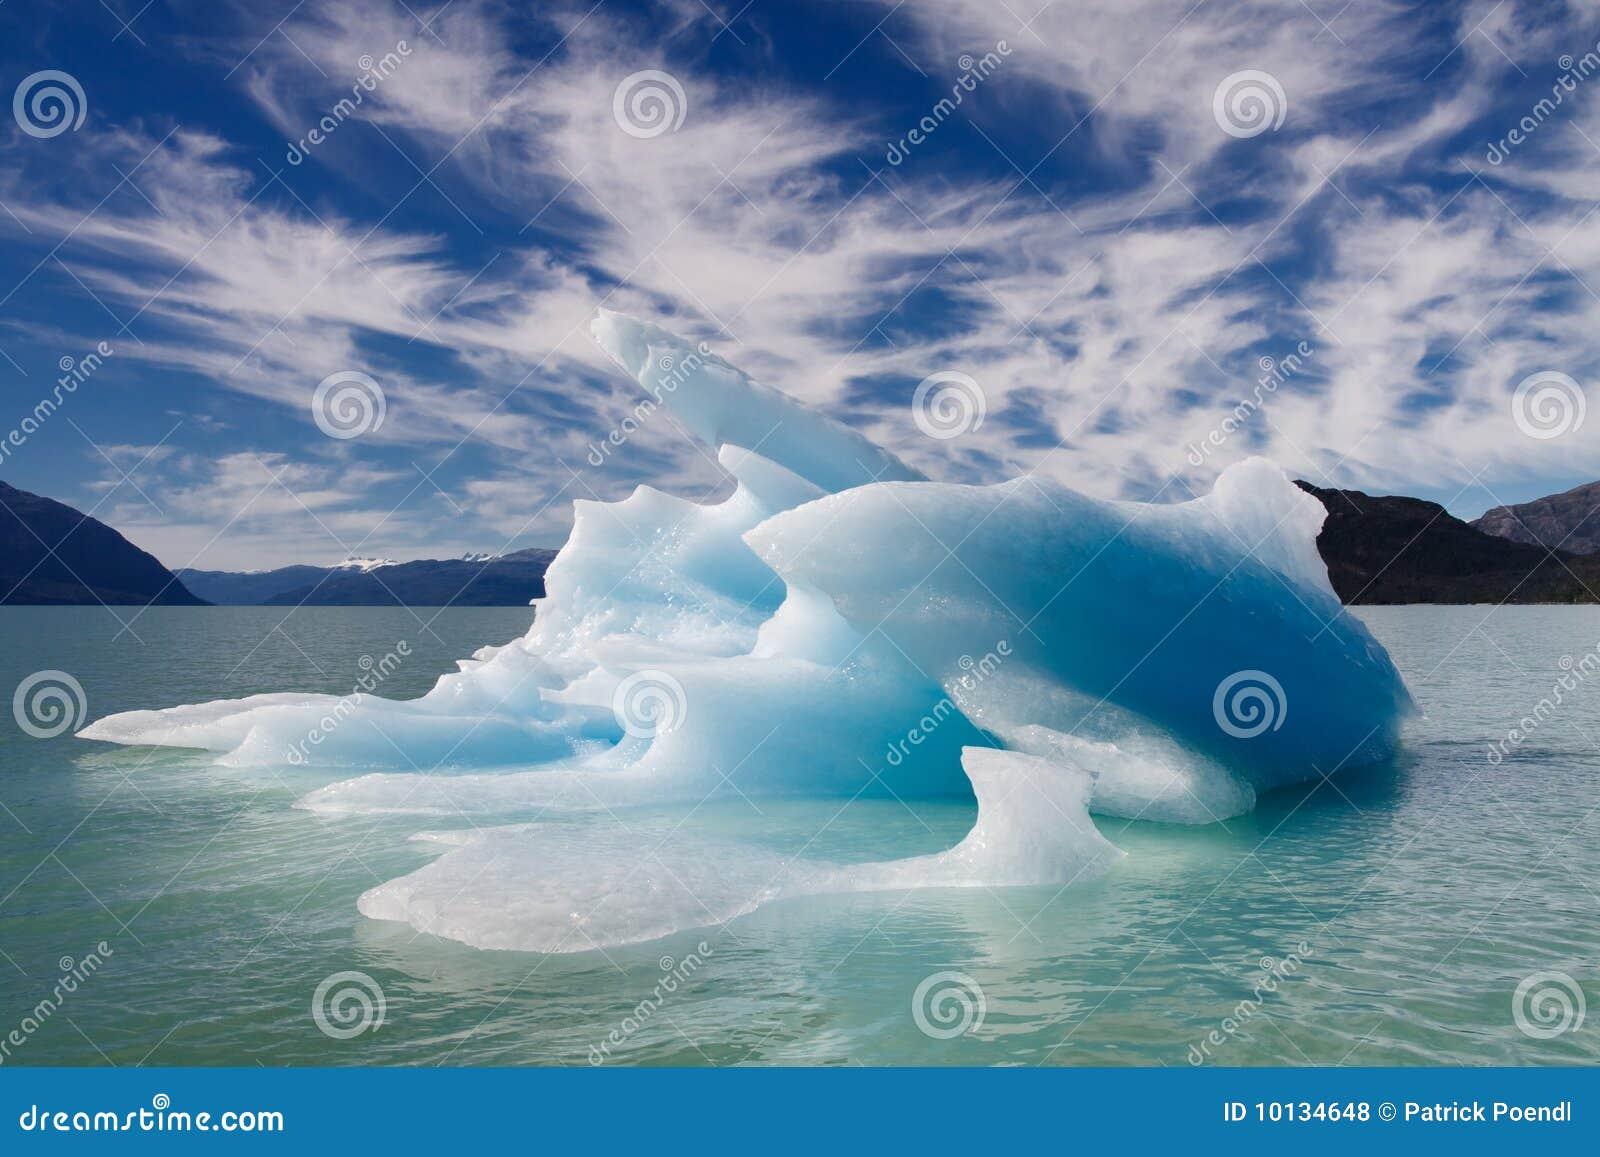 Blue Floating Iceberg